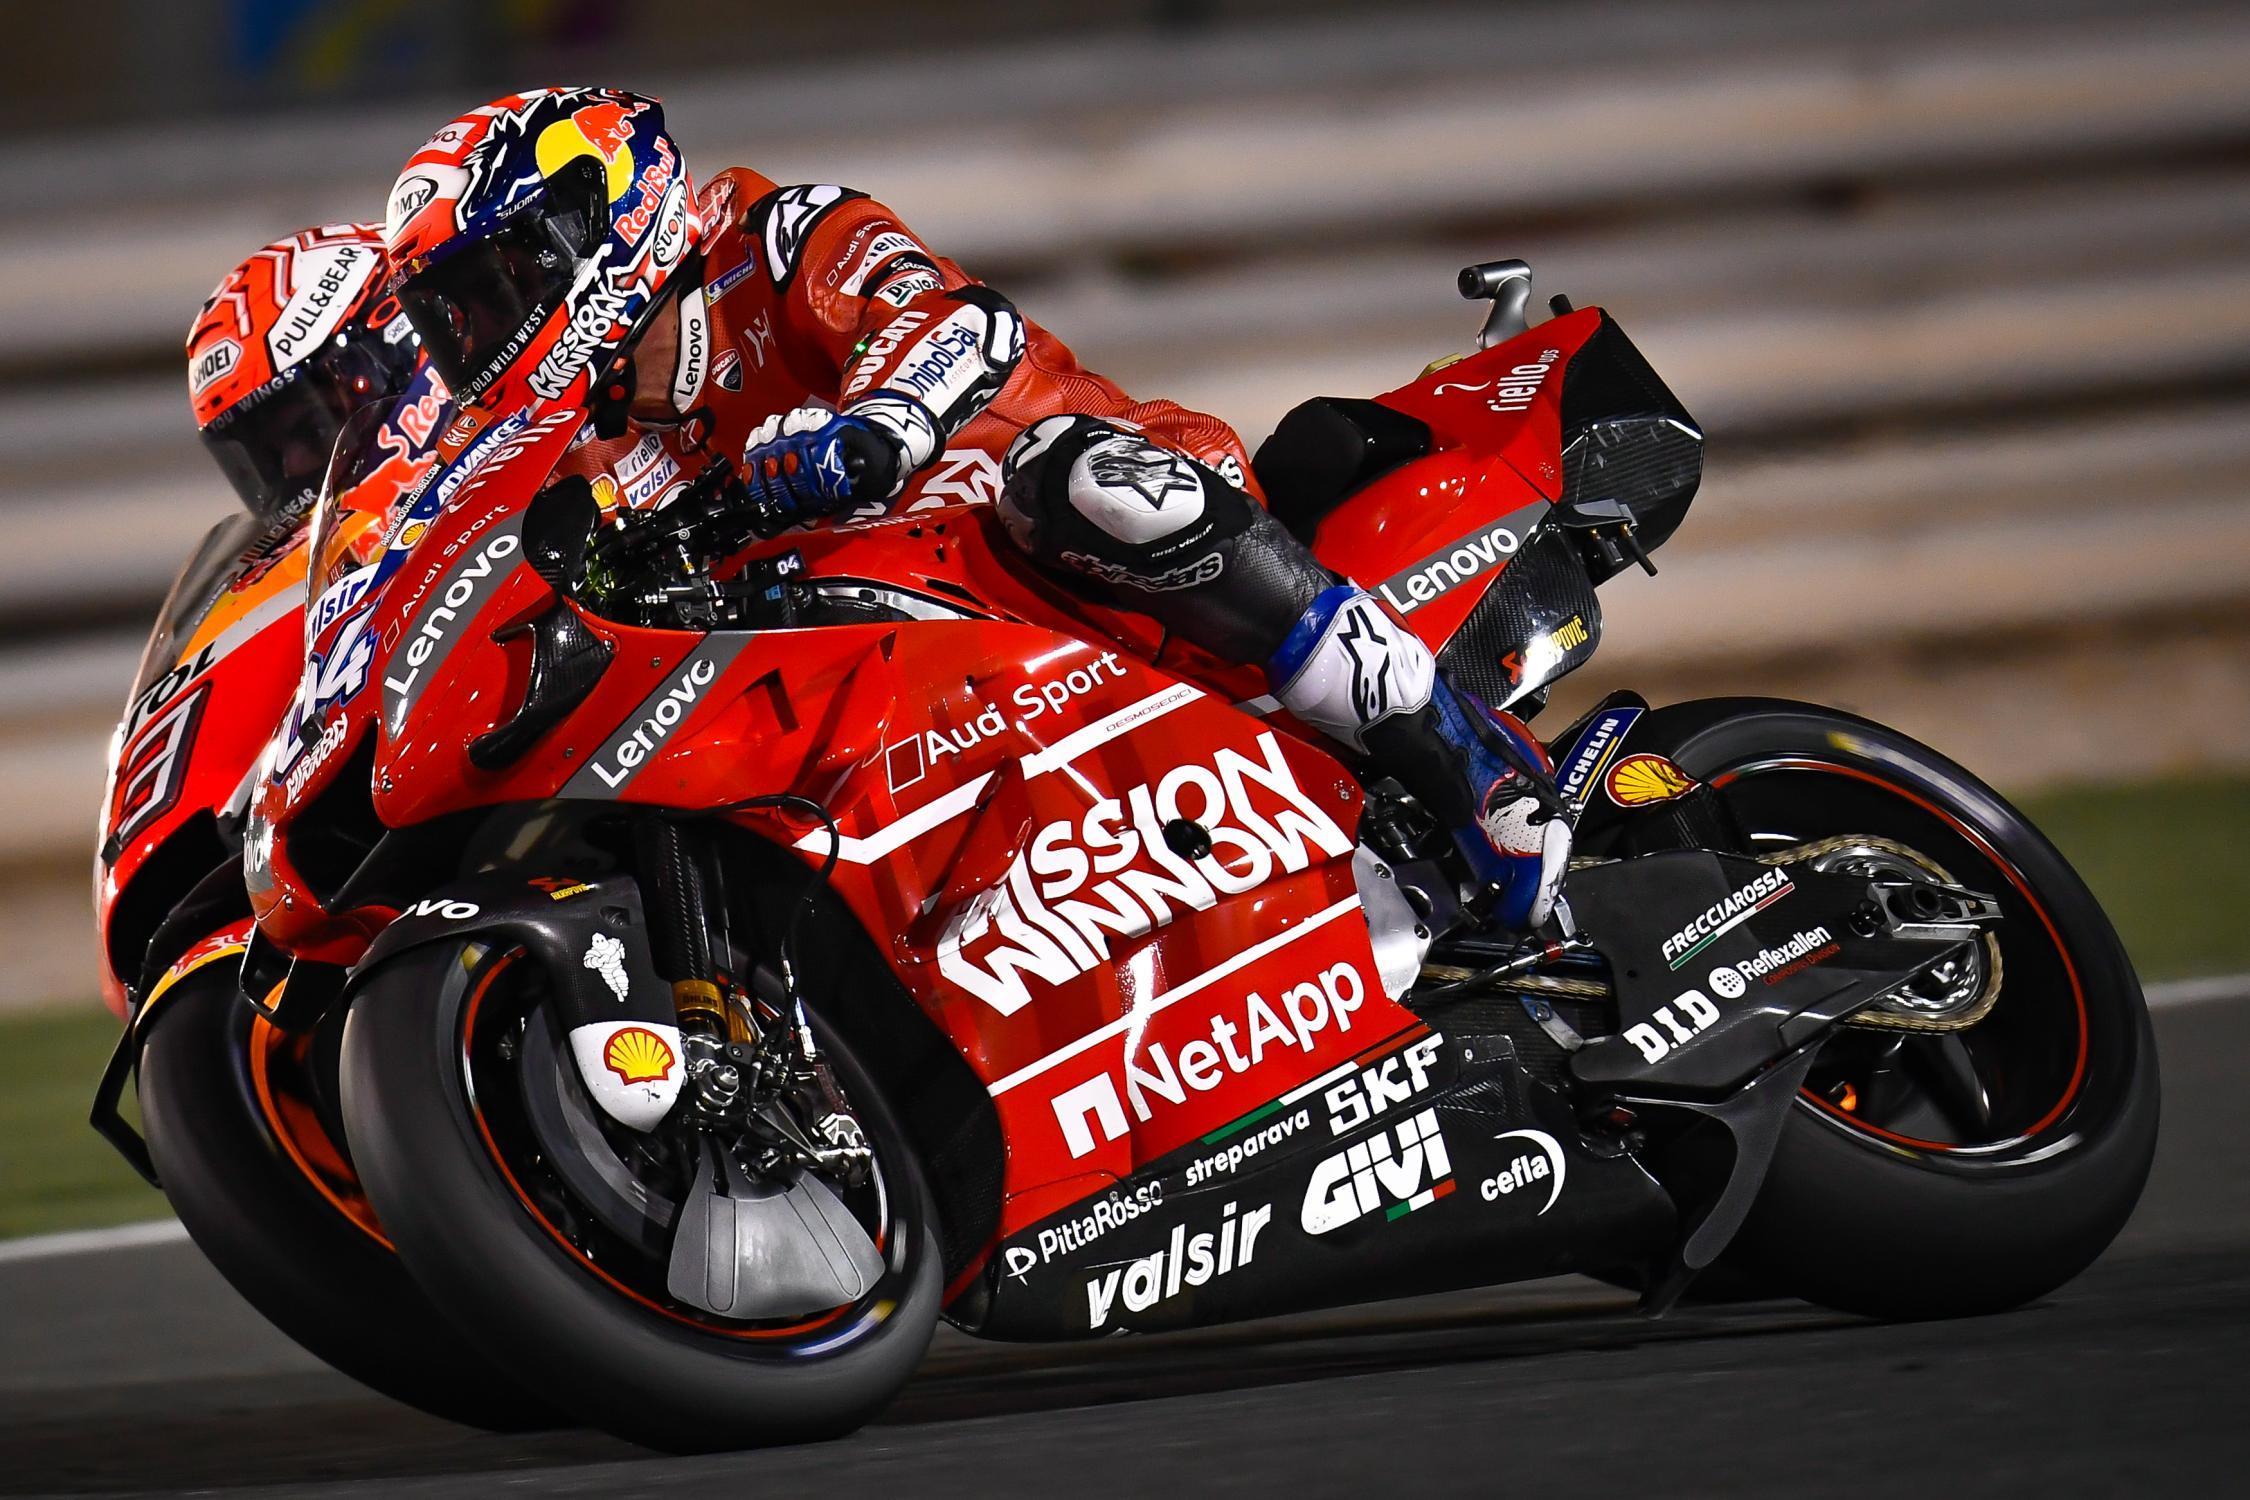 Le bar de la compétition moto ! - Page 38 _dsc2255.gallery_full_top_fullscreen